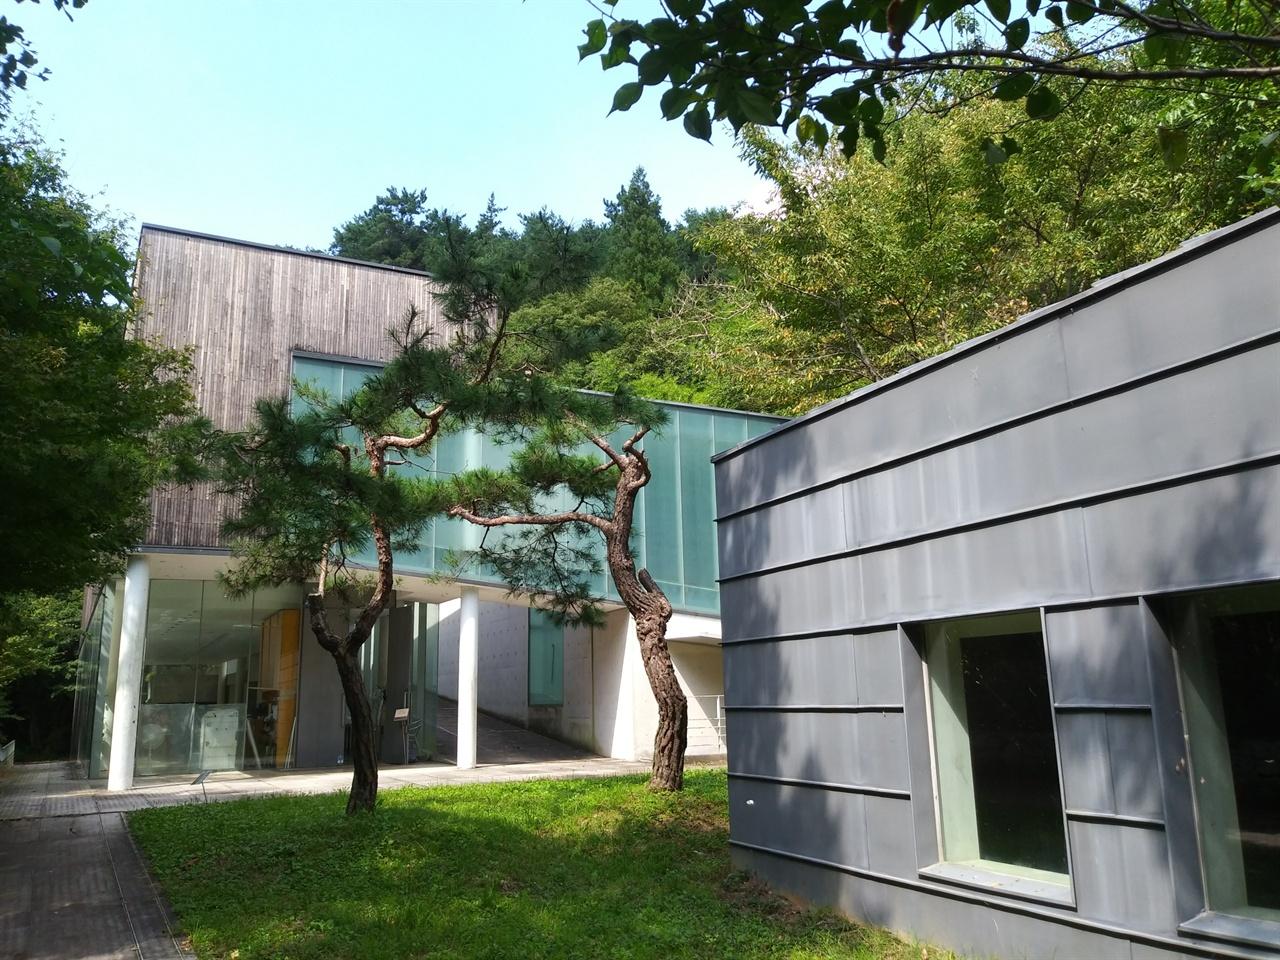 의재 미술관의 모습 나무 뒤의 건물이 미술관이고, 오른쪽 단층 건물은 의재 생존 당시 농업기술학교로 쓰였던 삼애헌 건물이다.